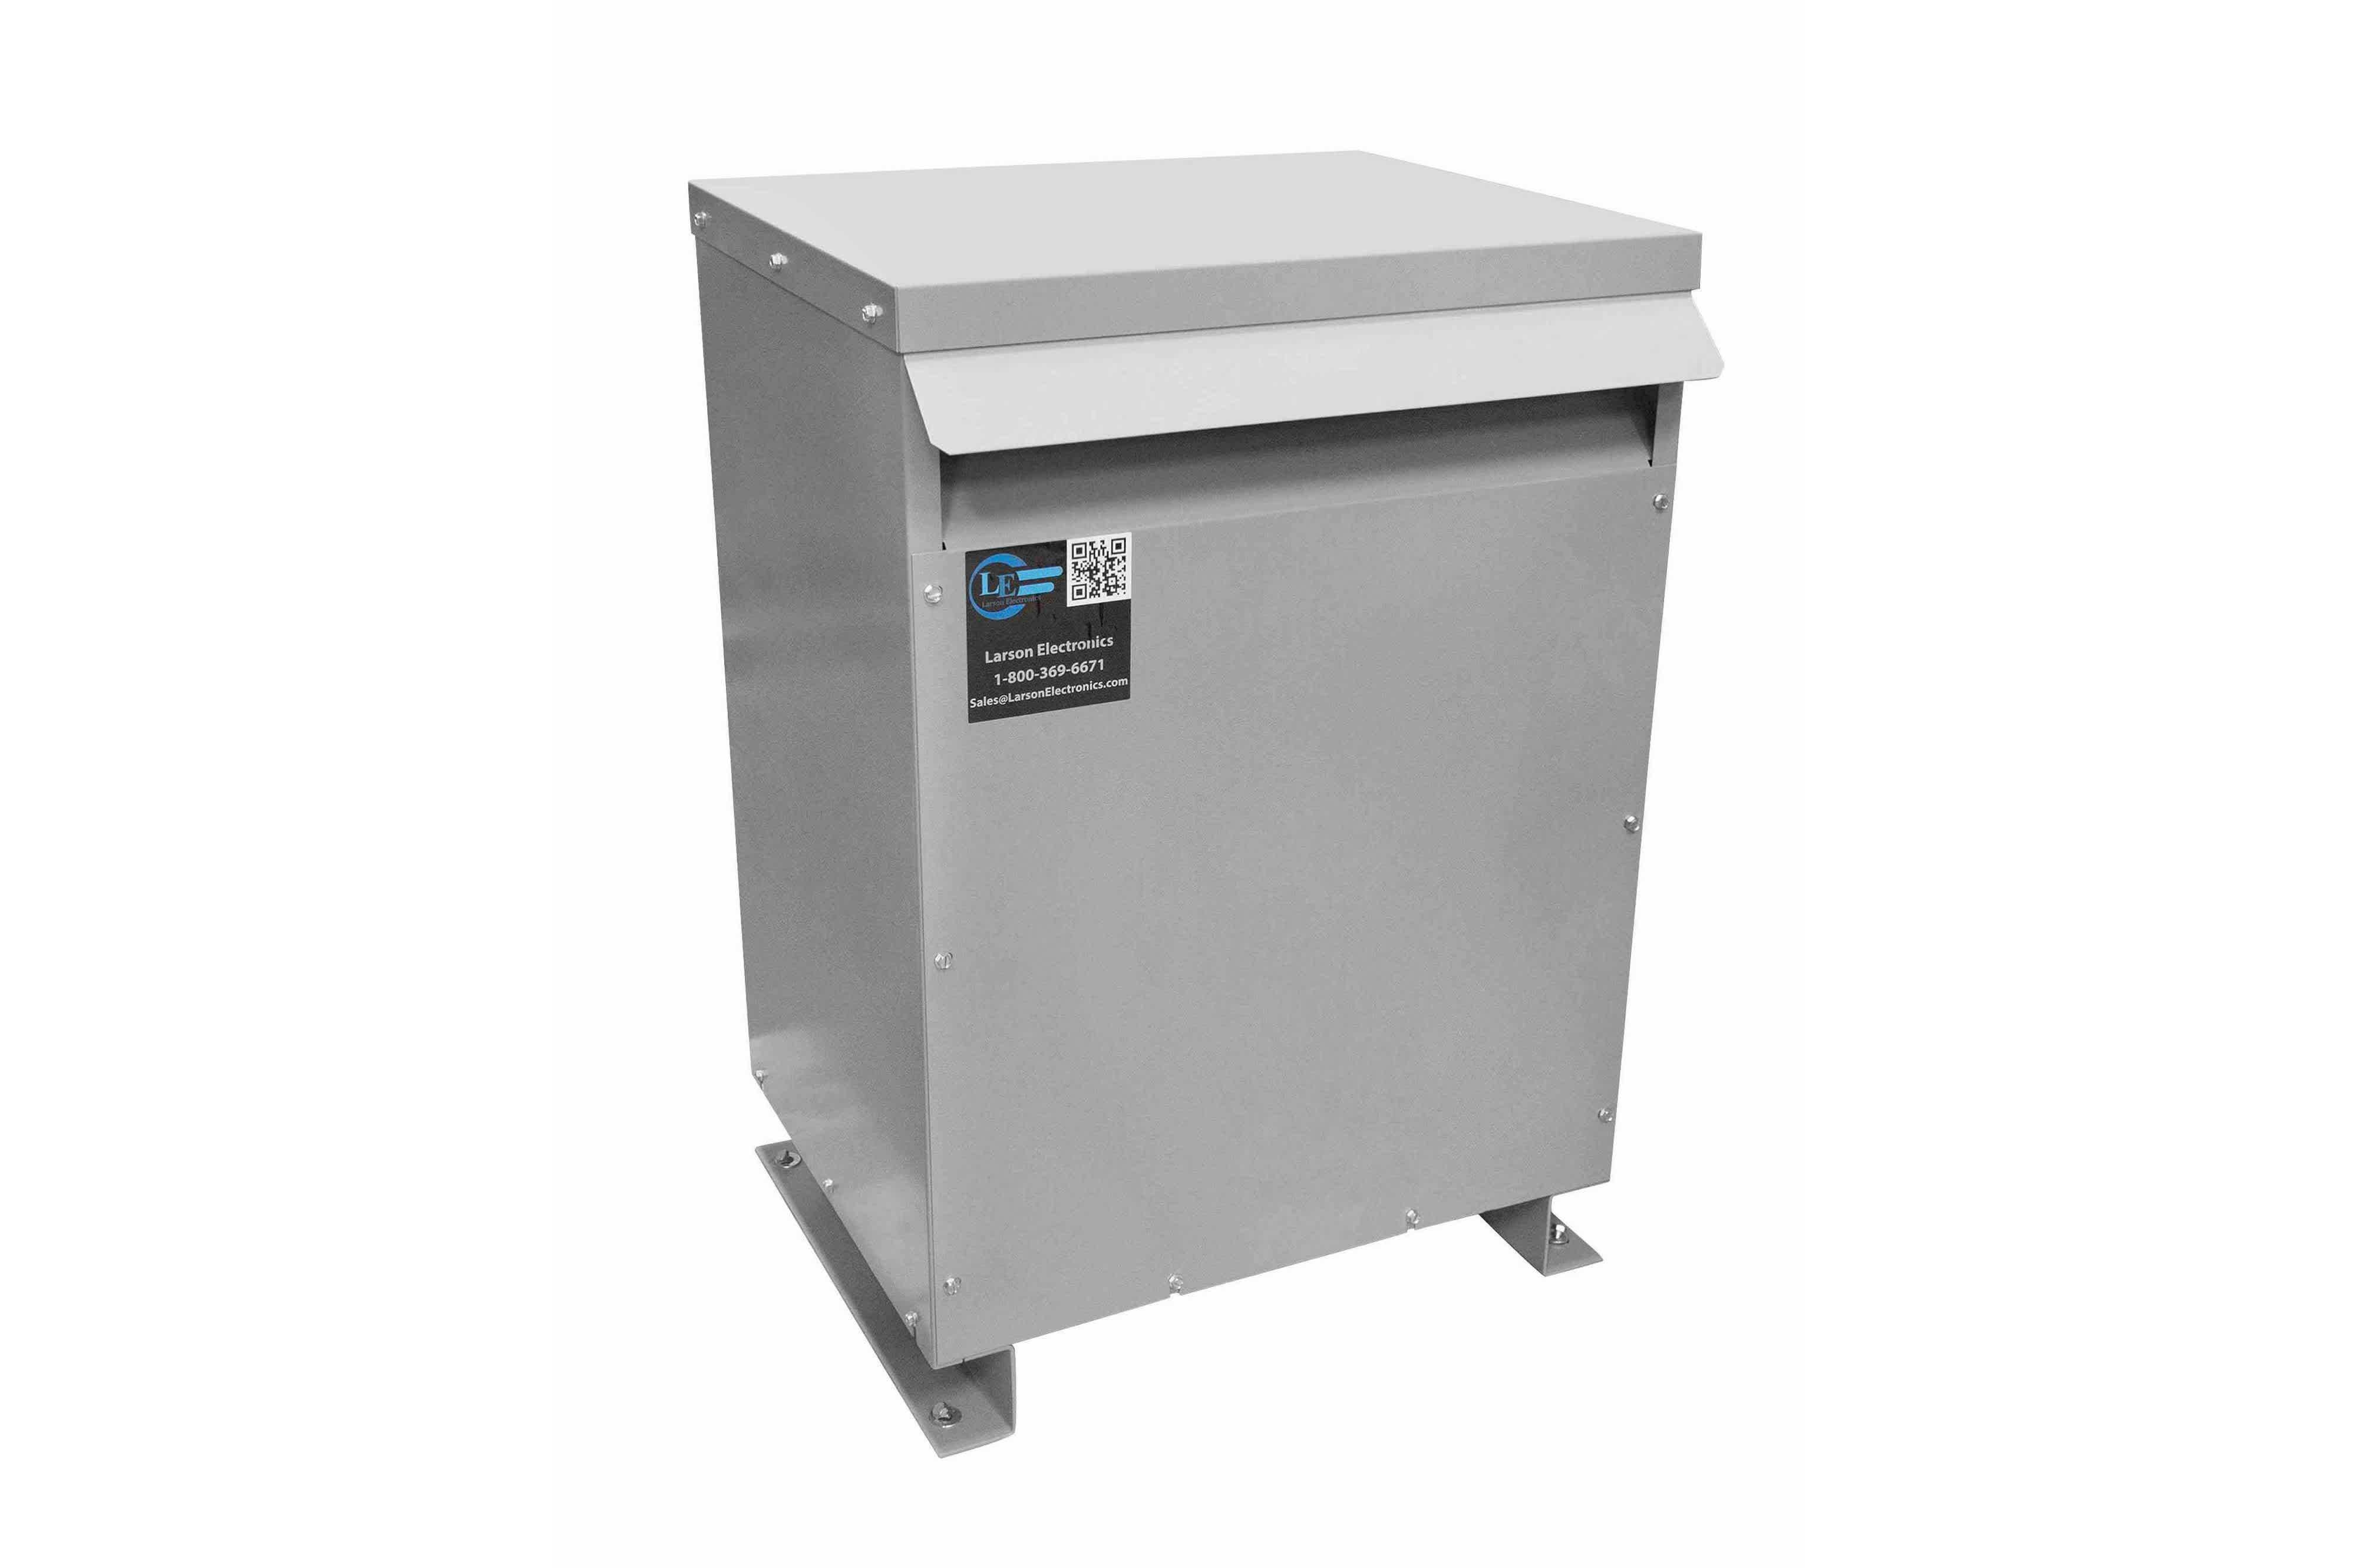 37.5 kVA 3PH Isolation Transformer, 600V Delta Primary, 380V Delta Secondary, N3R, Ventilated, 60 Hz